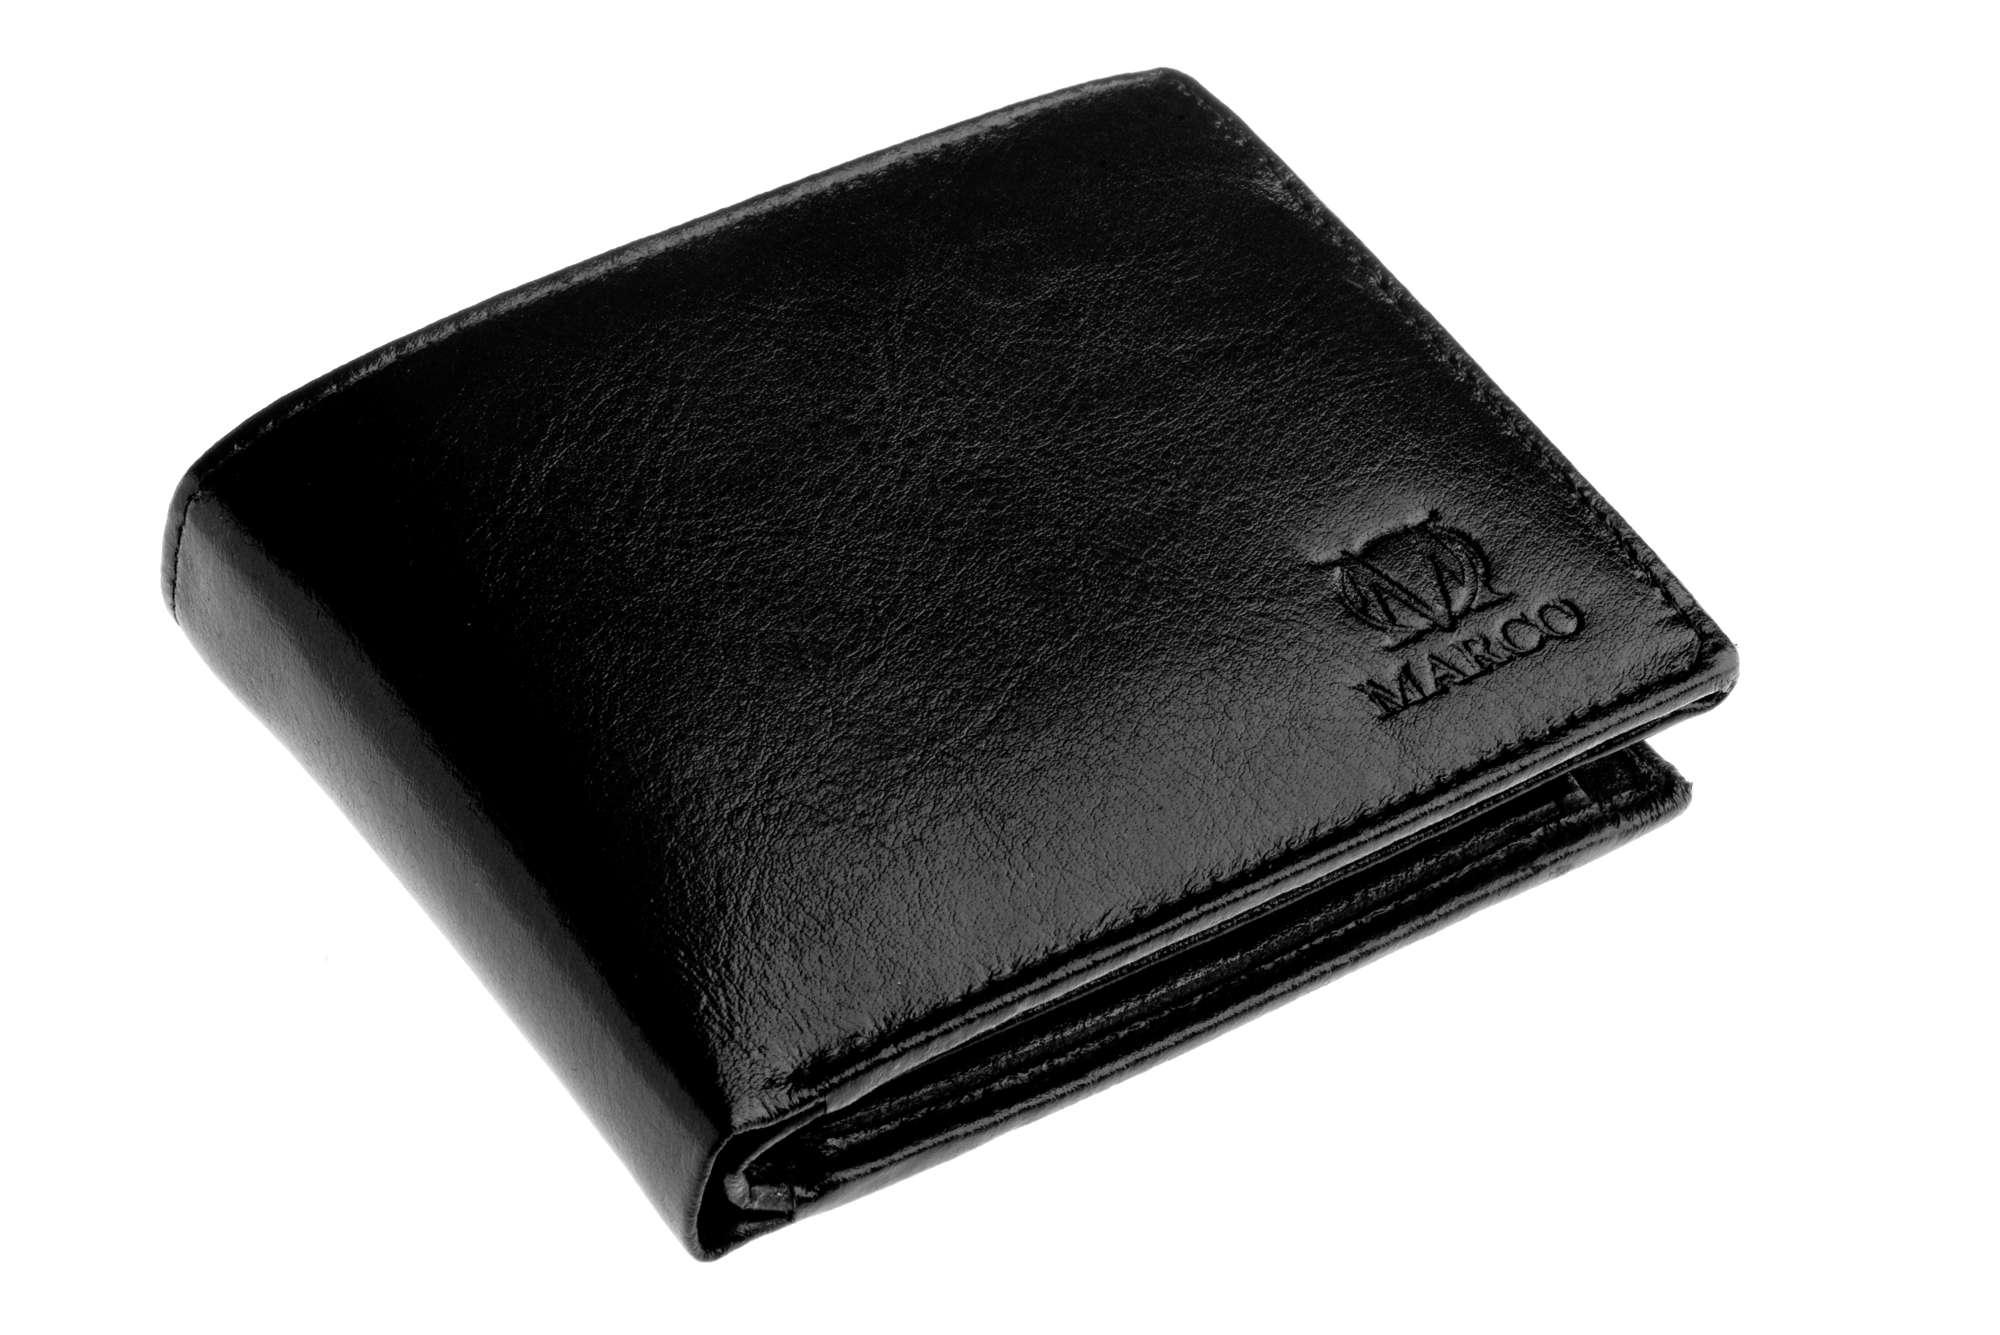 58a51c59190c4 Nowy skórzany portfel męski Marco PM-606B czarny - 6258045636 ...